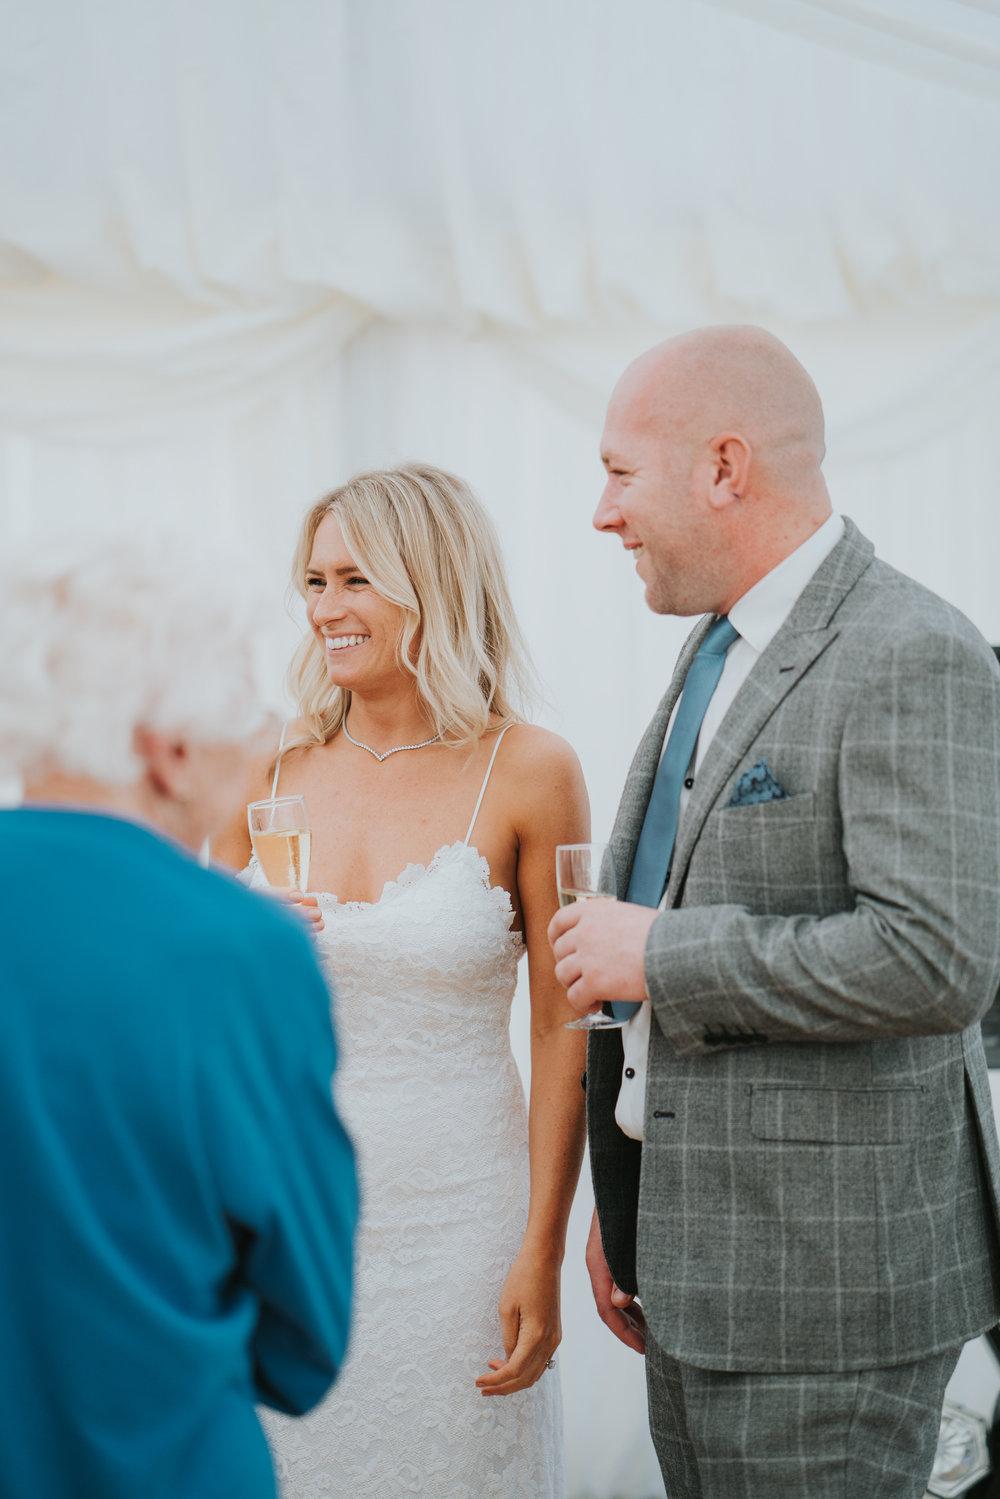 intimate-english-church-wedding-sarah-alex-colchester-essex-grace-elizabeth-colchester-essex-alternative-wedding-lifestyle-photographer-essex-suffolk-norfolk-devon (81 of 92).jpg